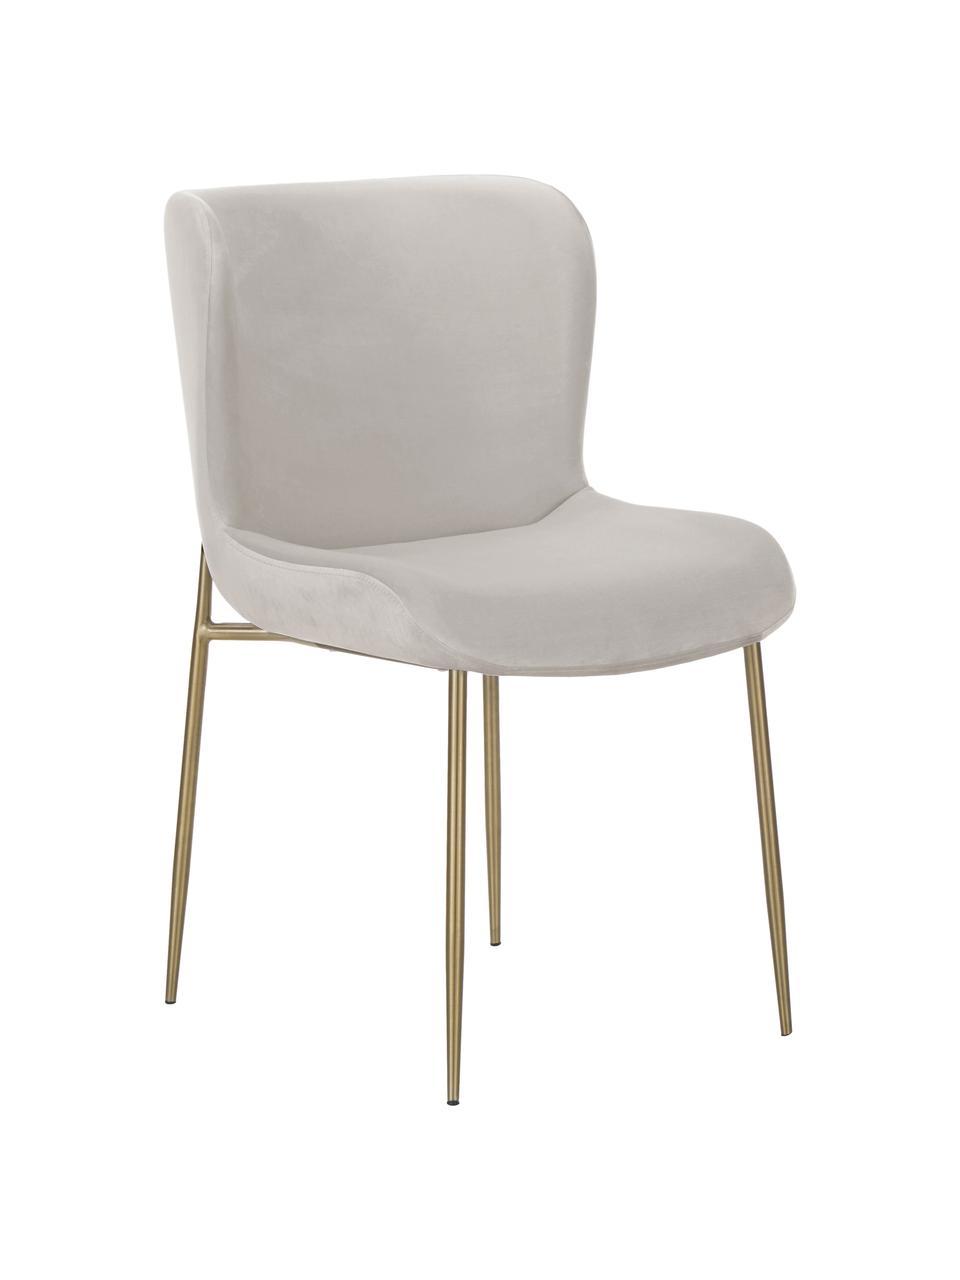 Sedia imbottita in velluto grigio chiaro Tess, Rivestimento: velluto (poliestere) Il r, Gambe: metallo verniciato a polv, Velluto grigio argento, oro, Larg. 49 x Alt. 84 cm